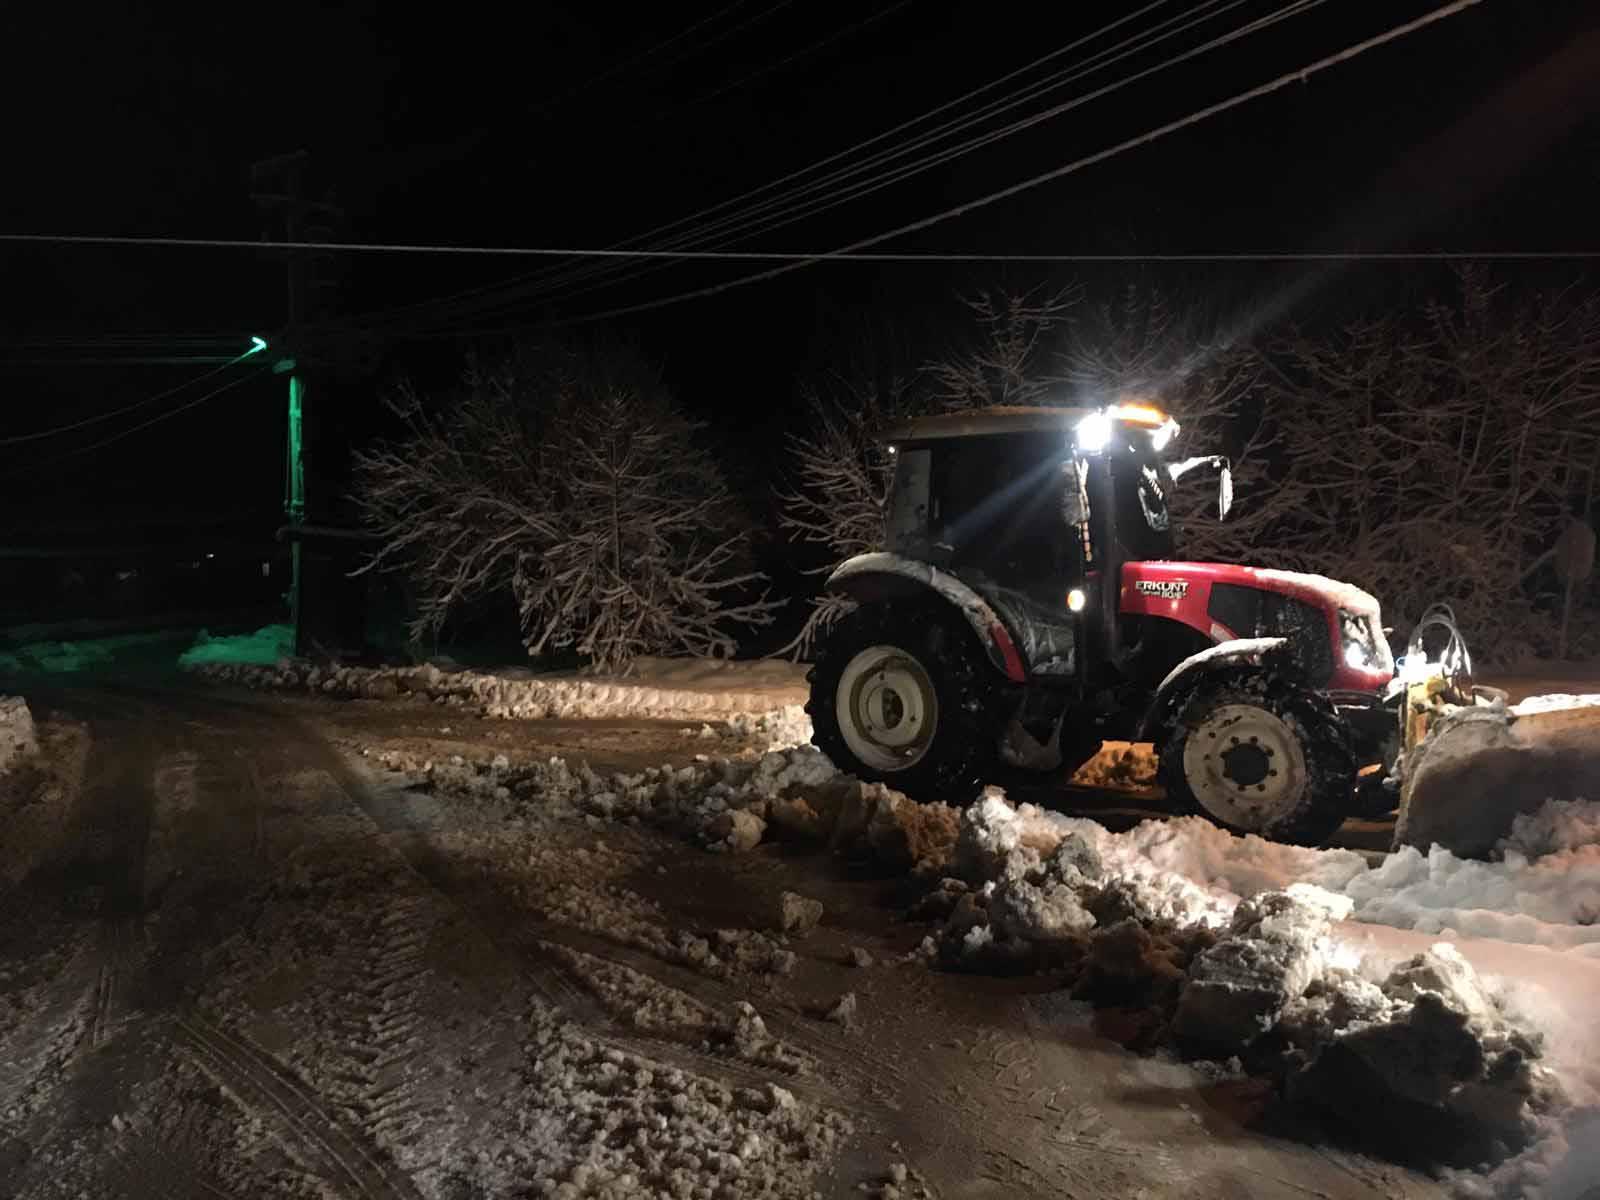 Kocaeli'de karla mücadele ekipleri canla başla çalıştı